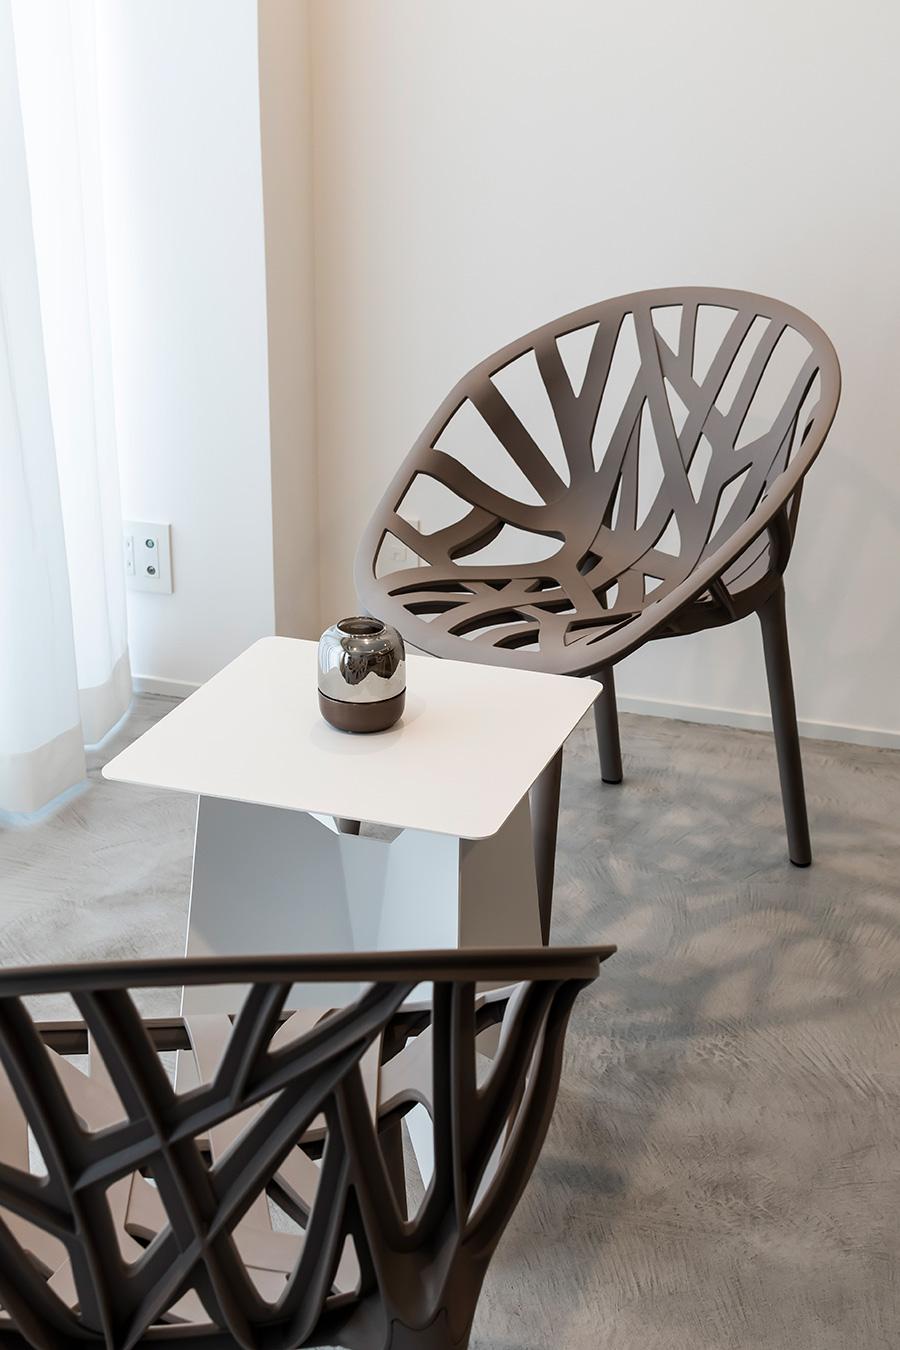 窓際の椅子は、仏デザイナー・ブルレック兄弟の作品。